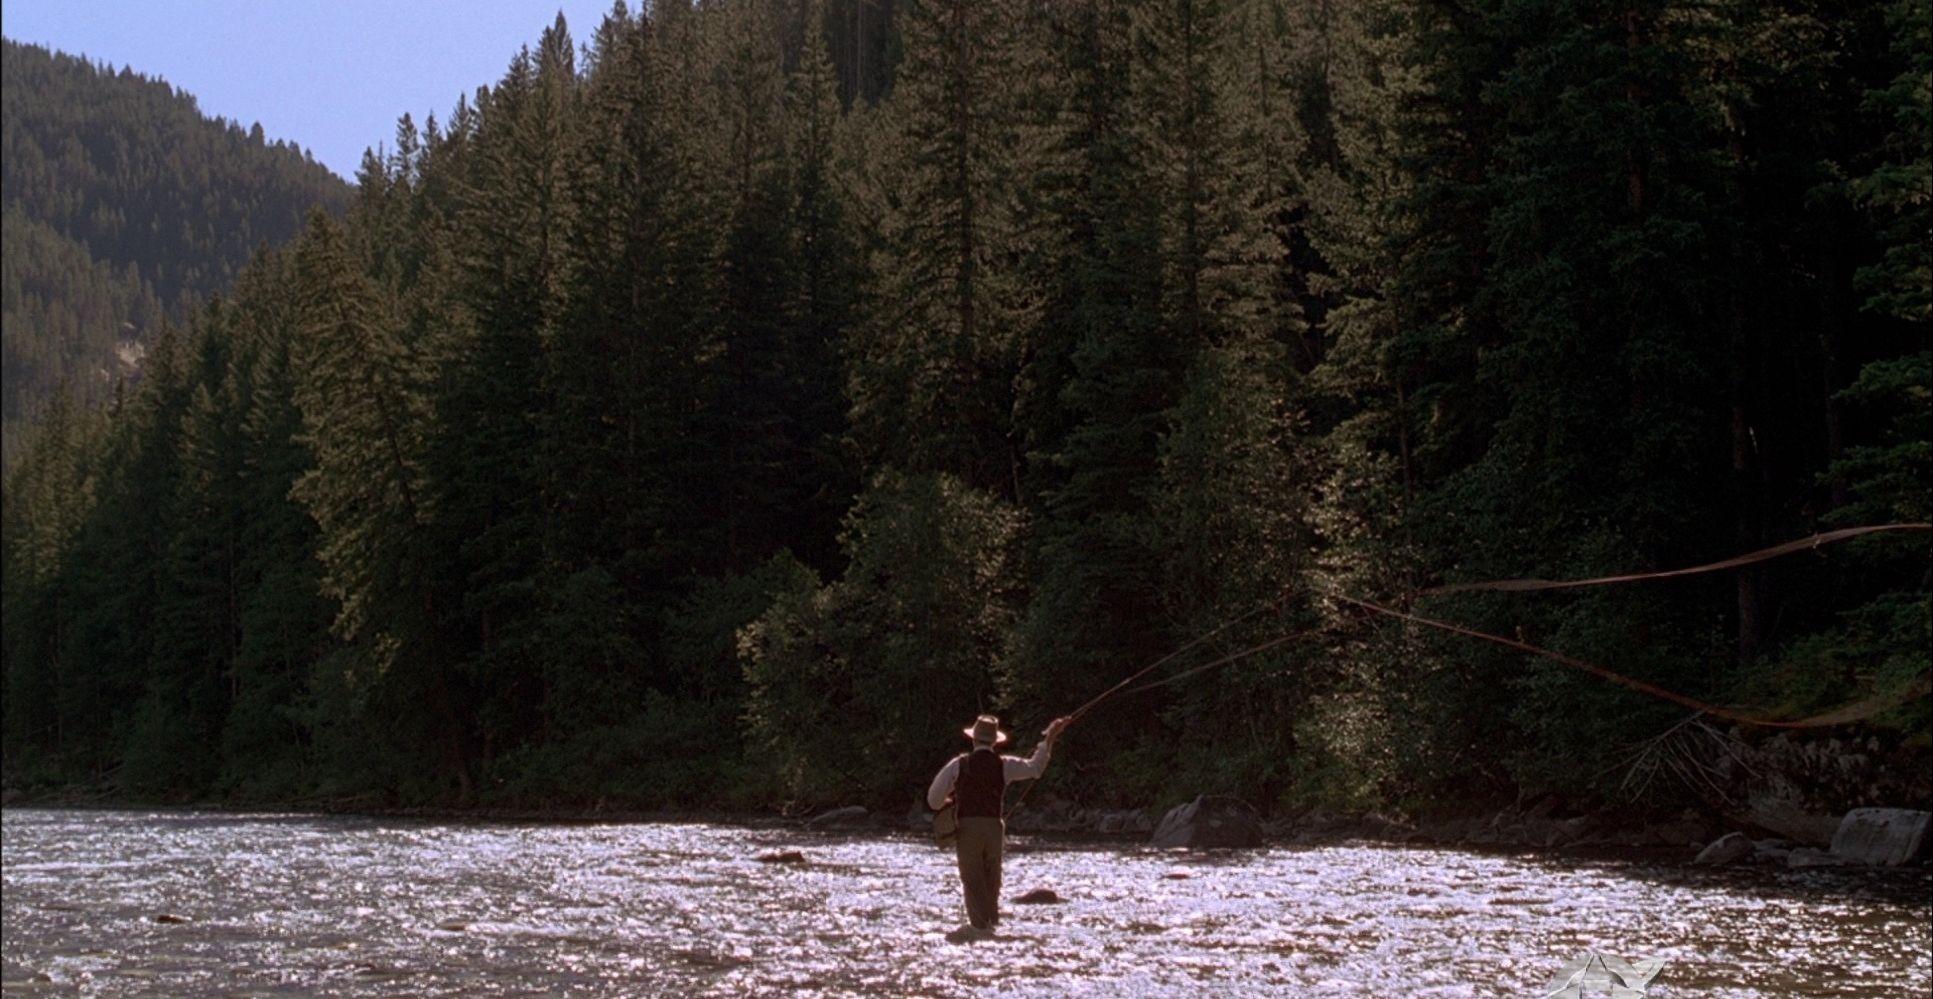 Norman-Maclean-A-River-Runs-Through-It-a-river-runs-through-it